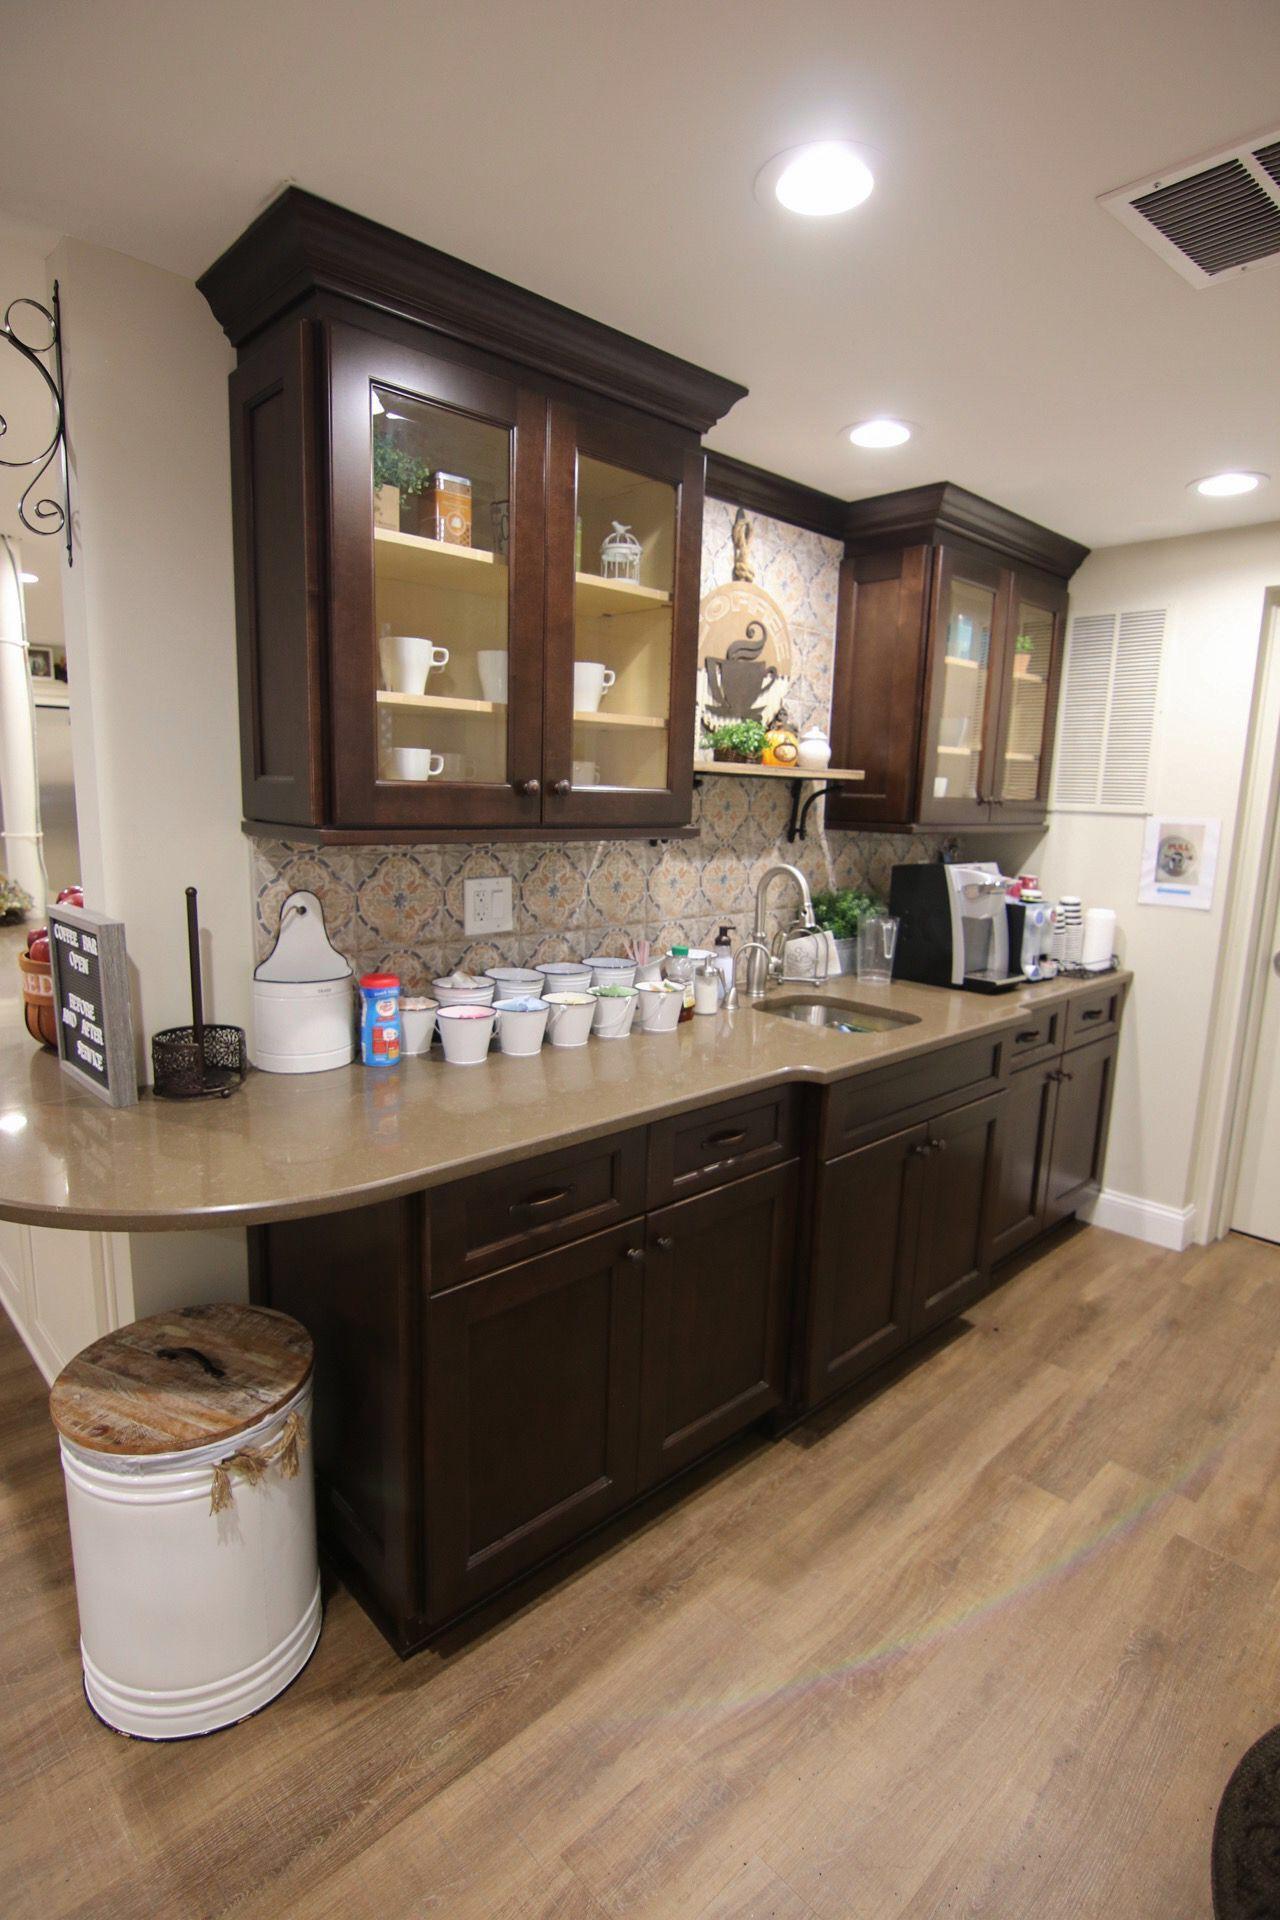 Openconceptkitchen Openconceptliving Openconcepthome Interiordesign Kitchenisland Kitchenislandseating Kitchen Renovation Home Kitchens Quality Kitchens